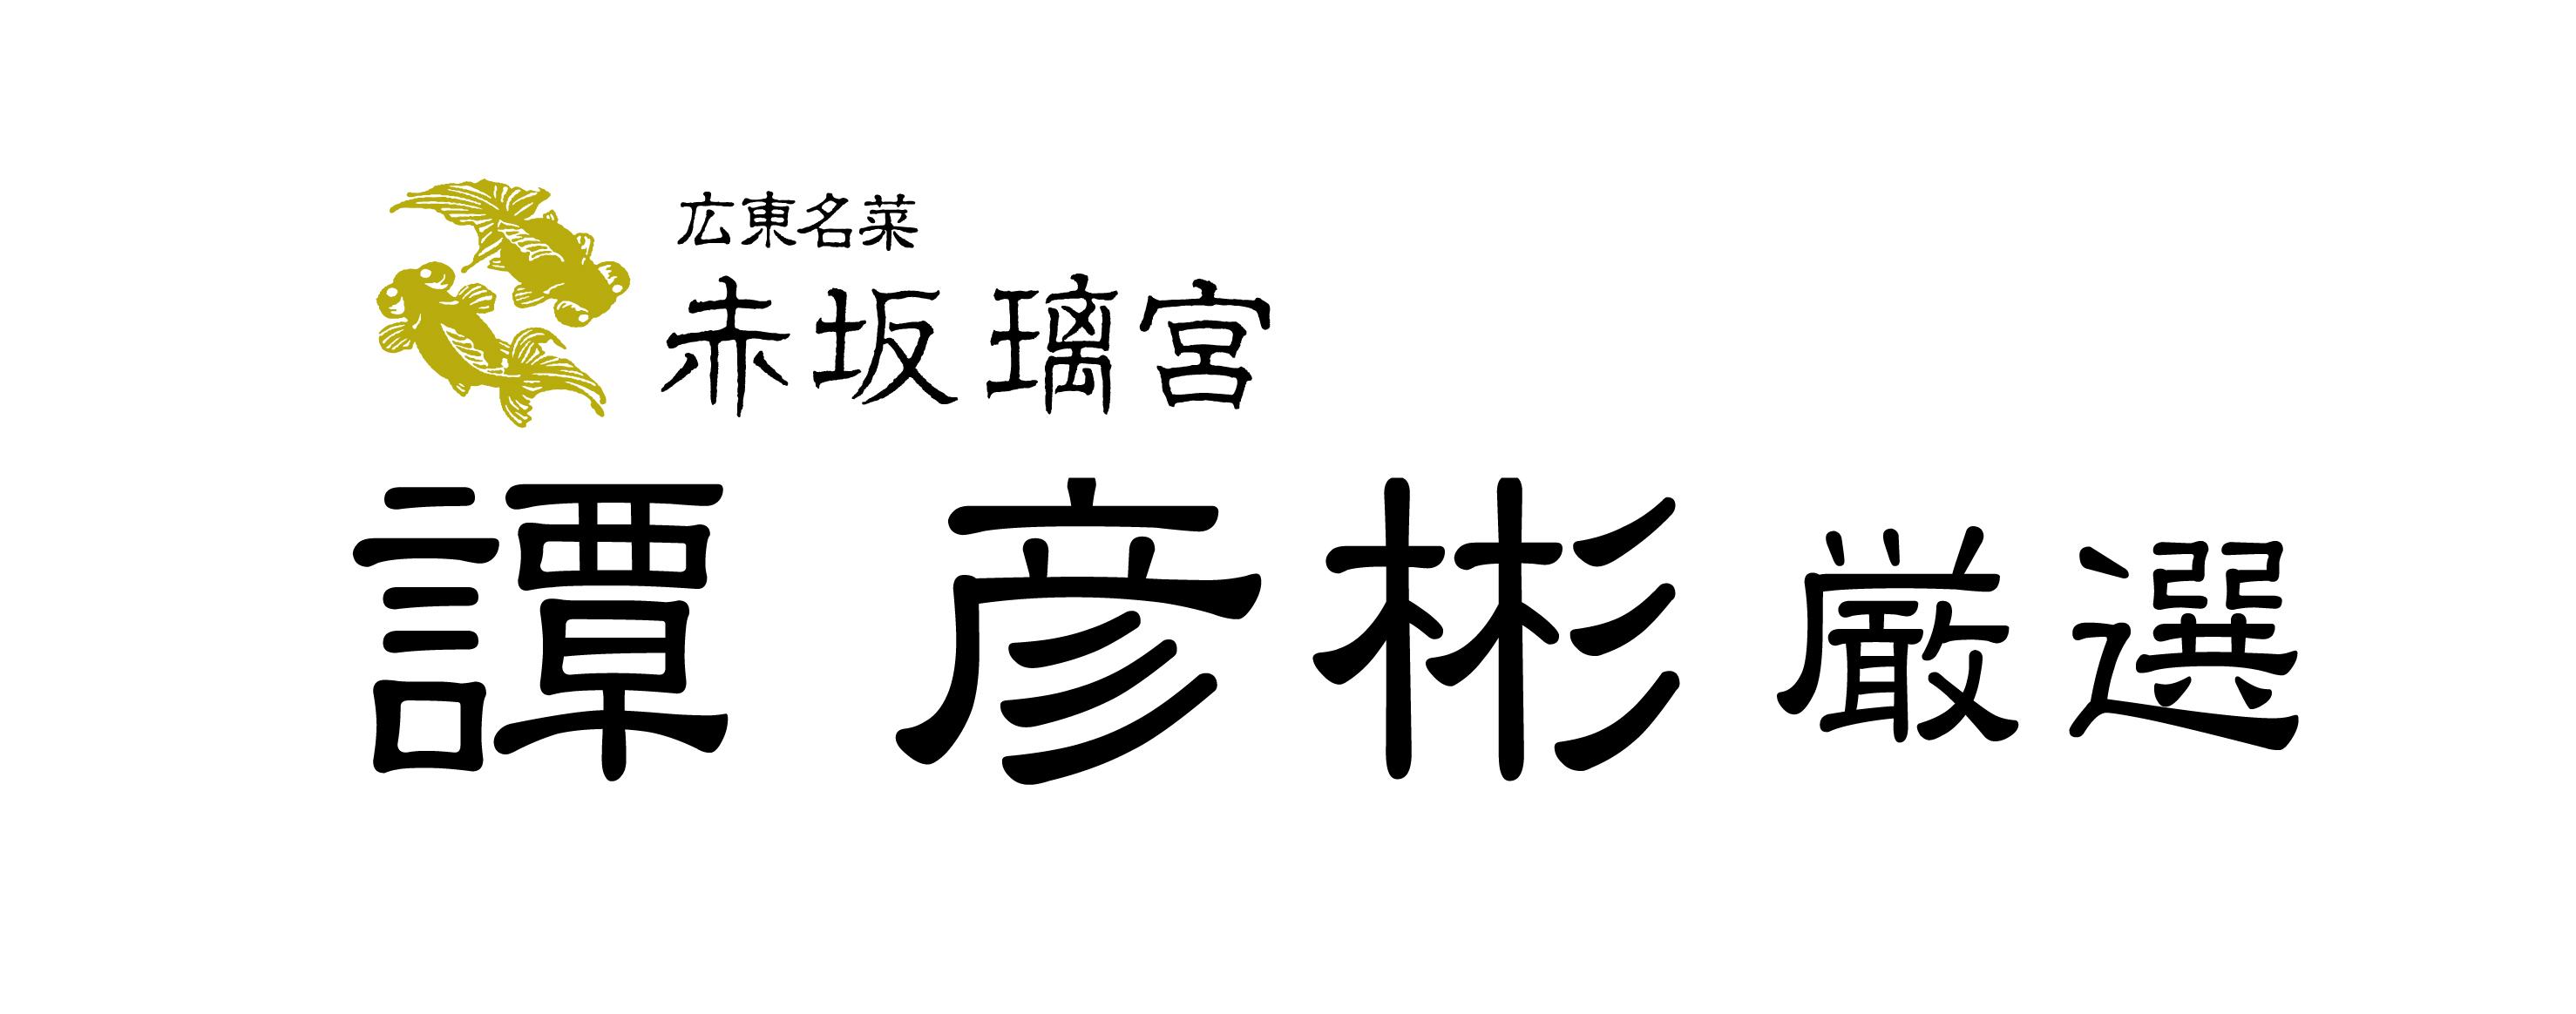 【よこやま】譚 彦彬 厳選 炒め鍋28cm&天ぷら鍋24cm 炒め鍋(約径28cm)・天ぷら鍋(約径24×高さ9.5cm)各1